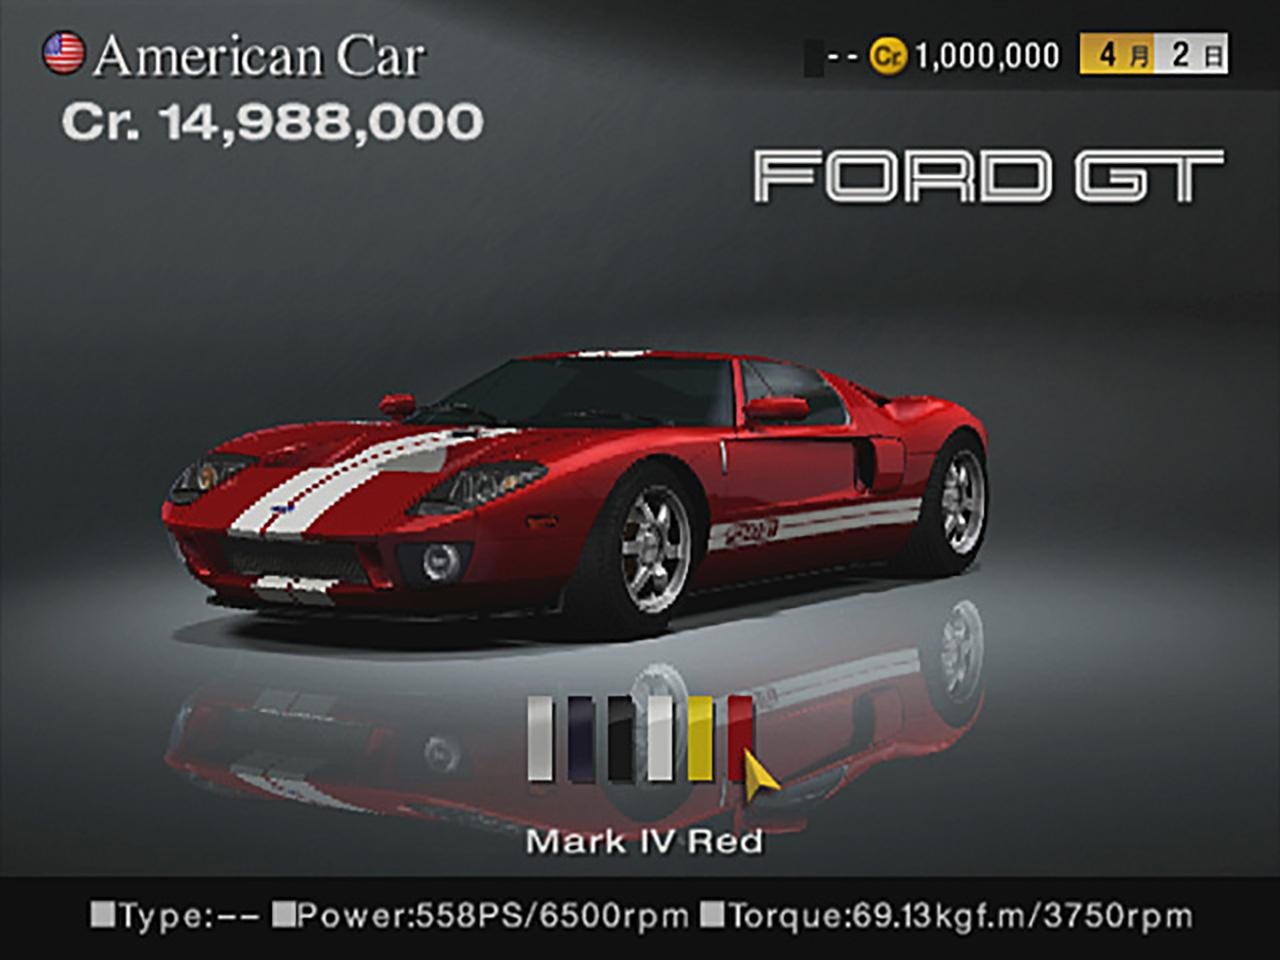 Ford Gt Car Wallpaper Hd Gran Turismo 4 Gran Turismo Com